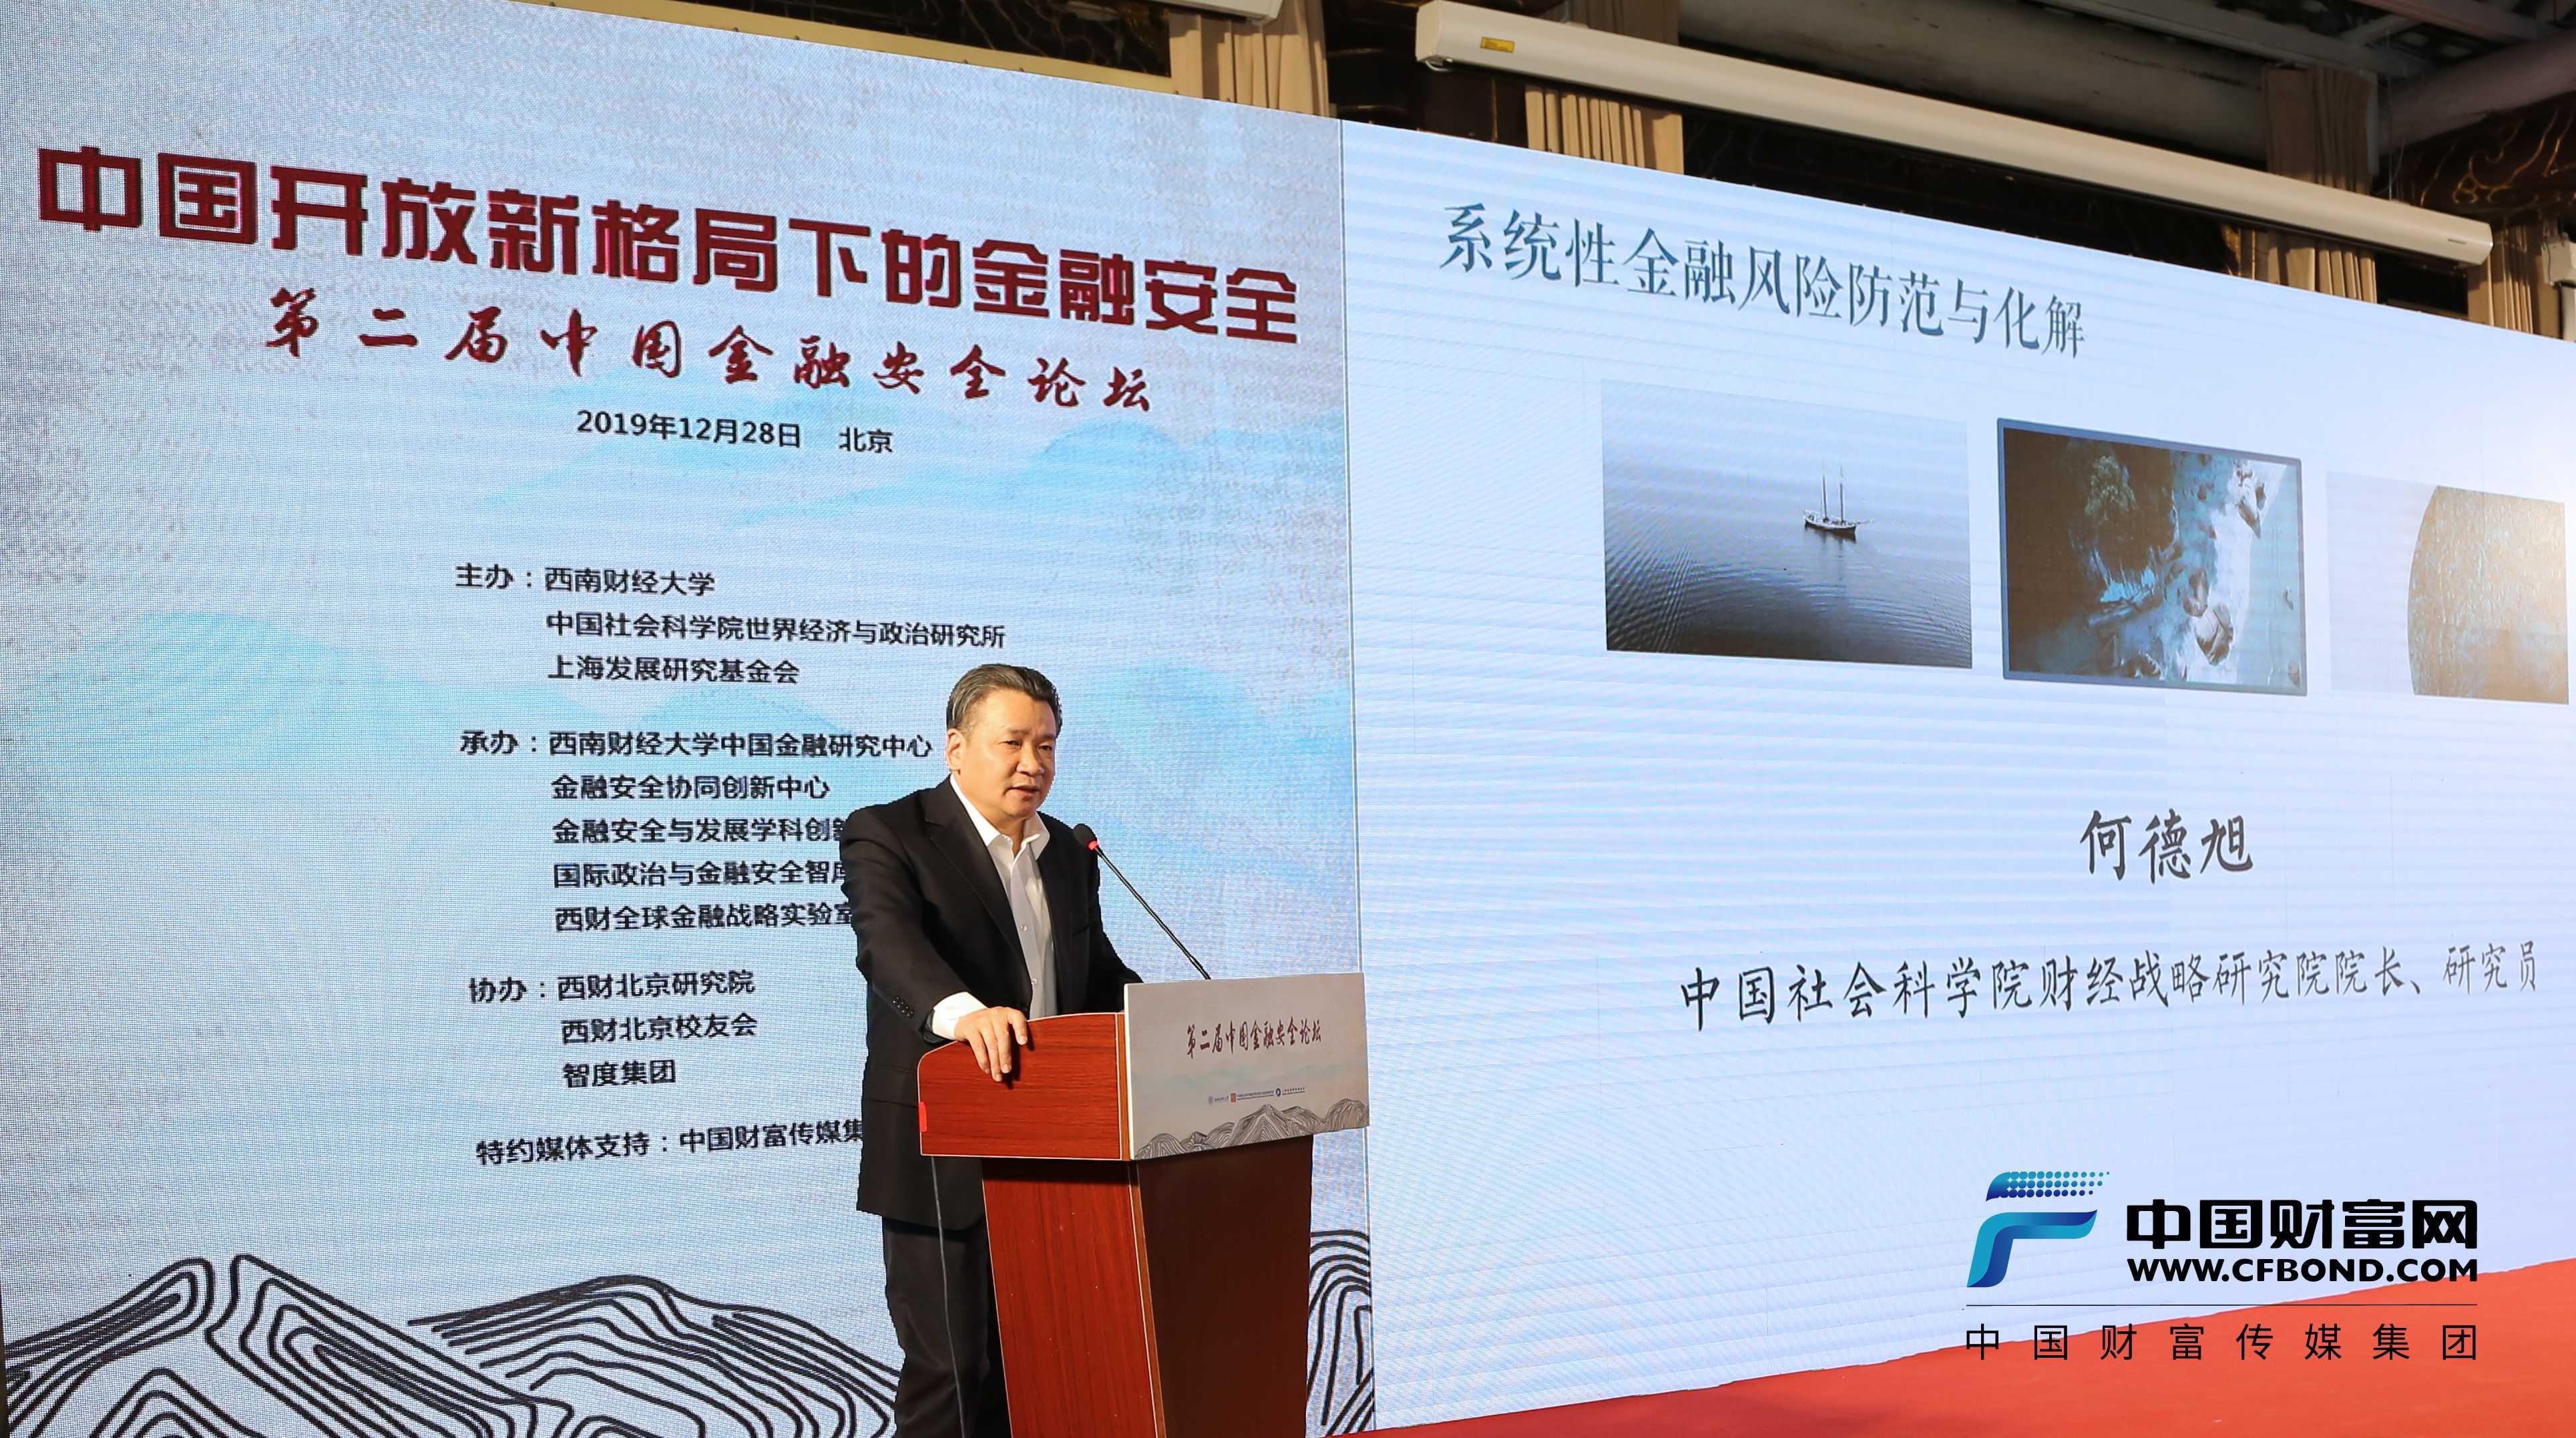 中国社会科学院财经战略研究院院长、研究员何德旭